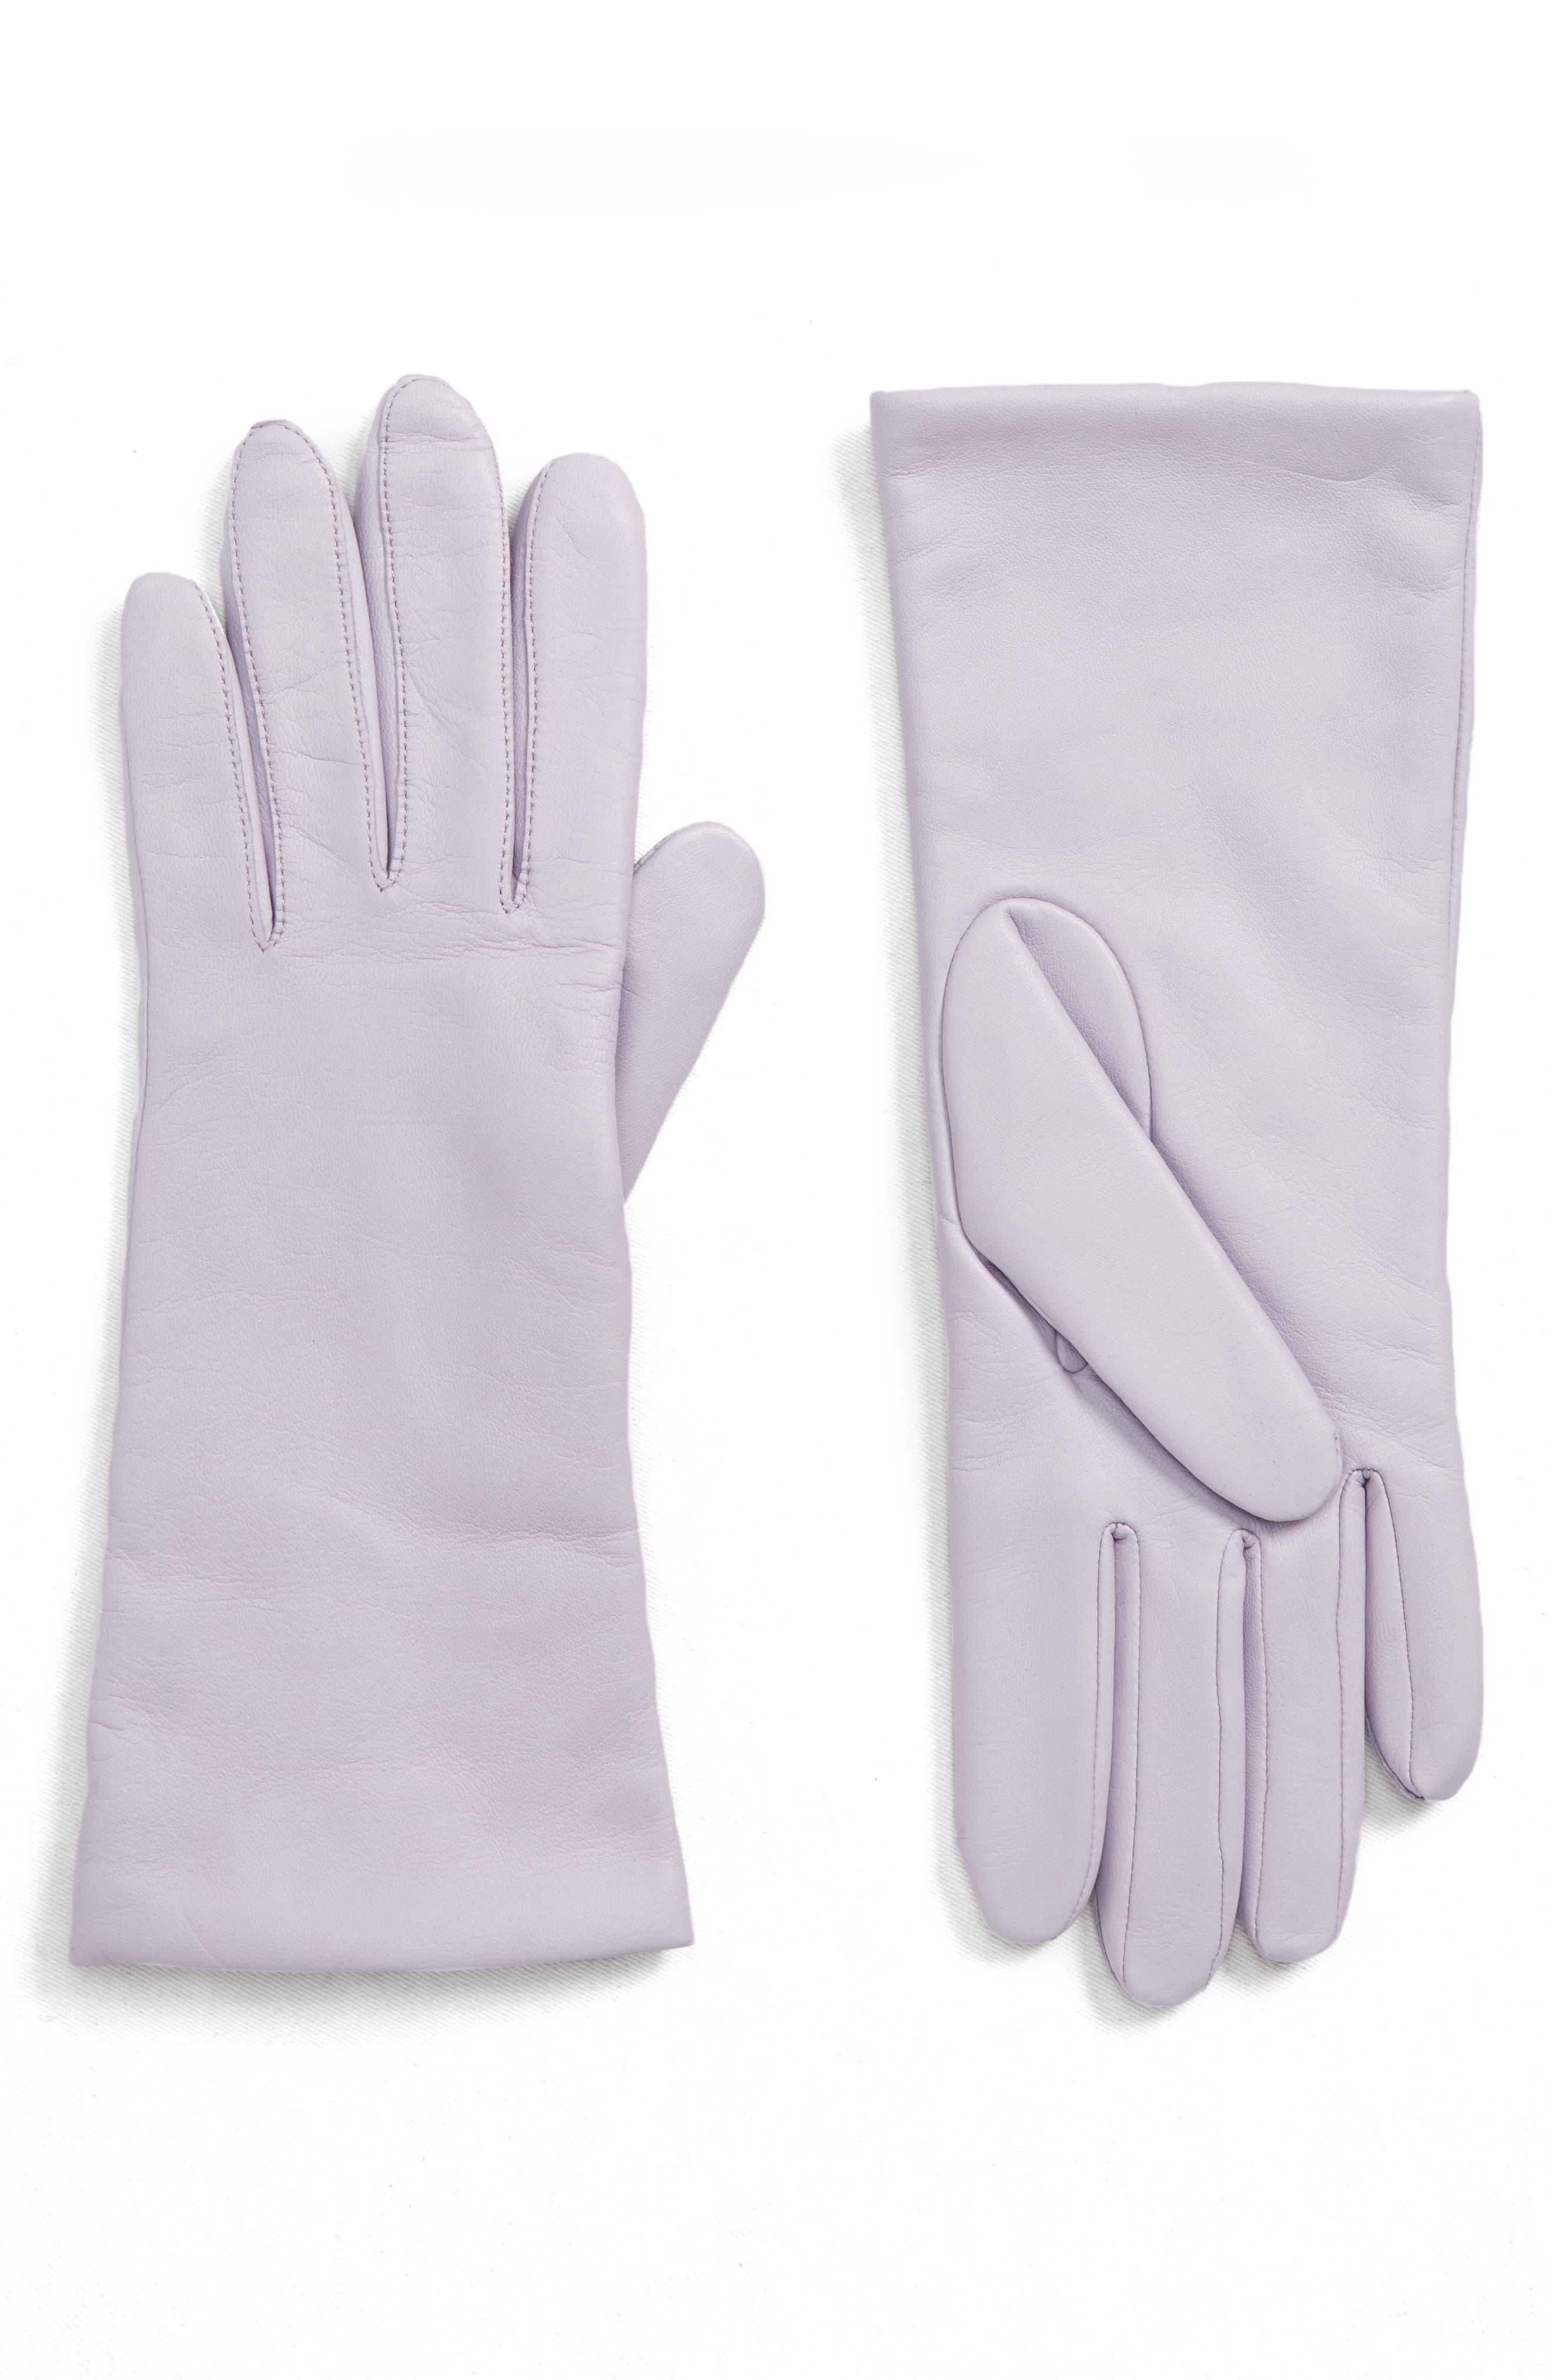 x Atlantic-Pacific Cashmere Lined Leather Gloves,                             Main thumbnail 1, color,                             PURPLE SECRET